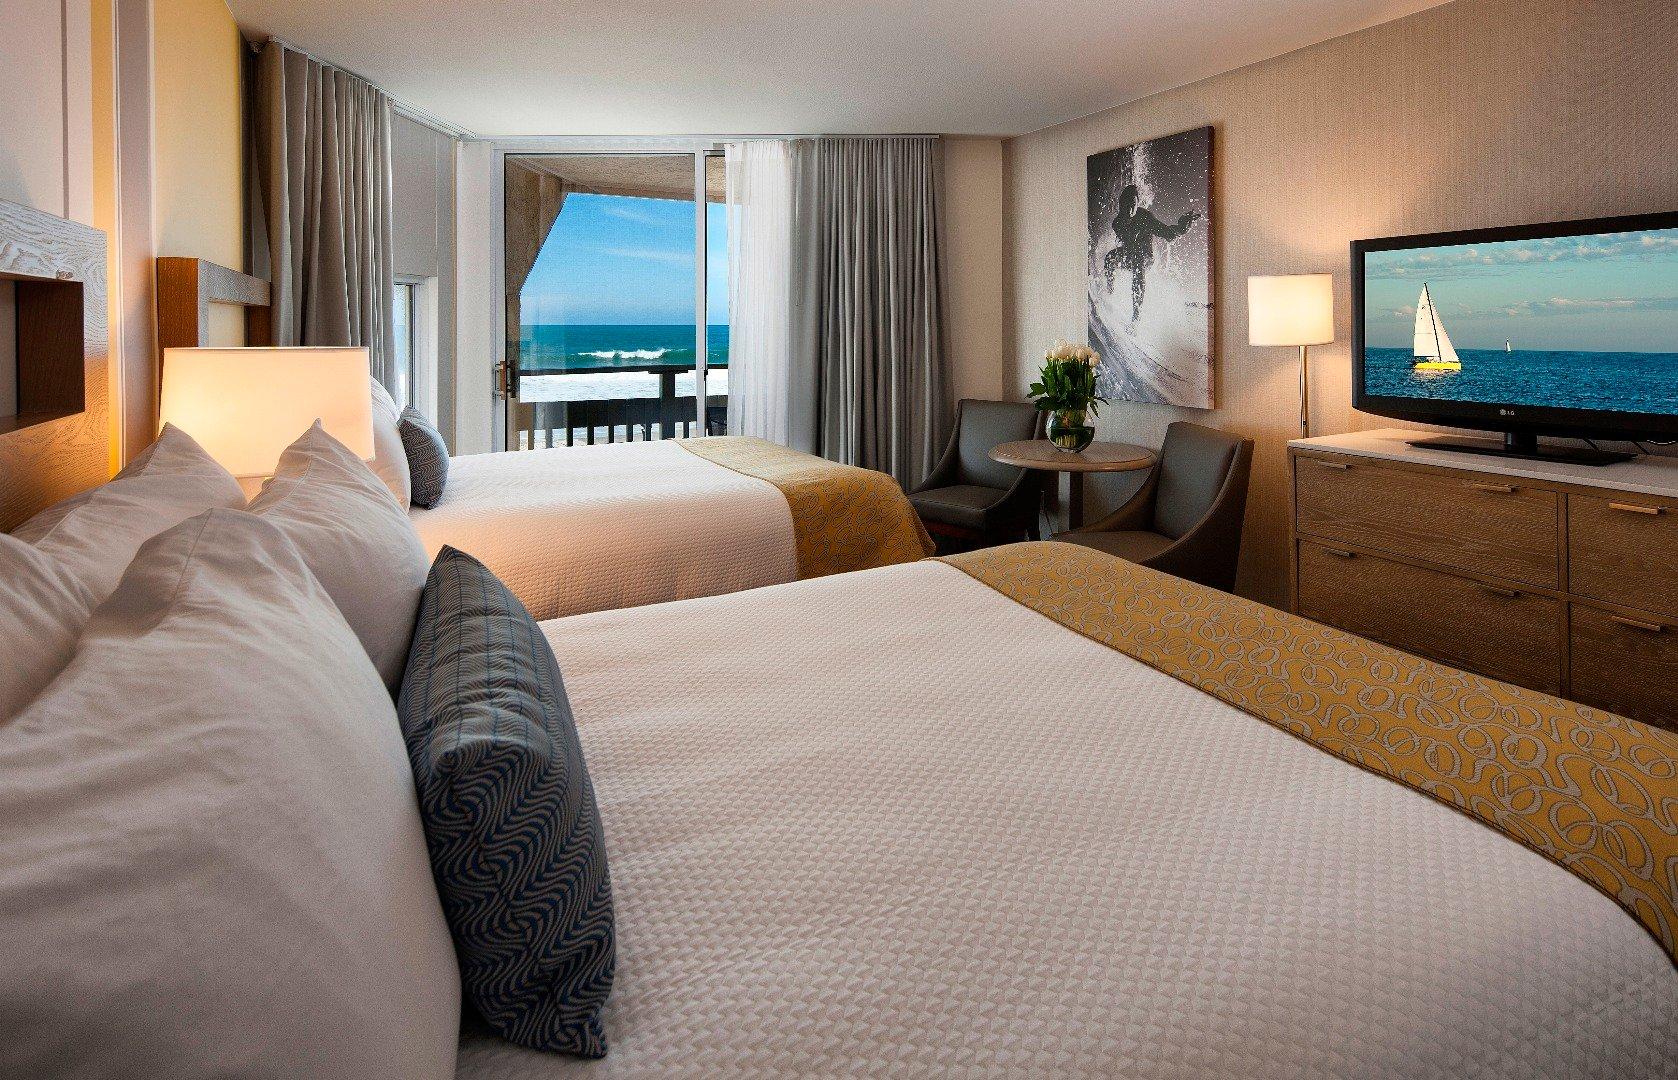 Oceanfront Suite with 2 Queen Beds